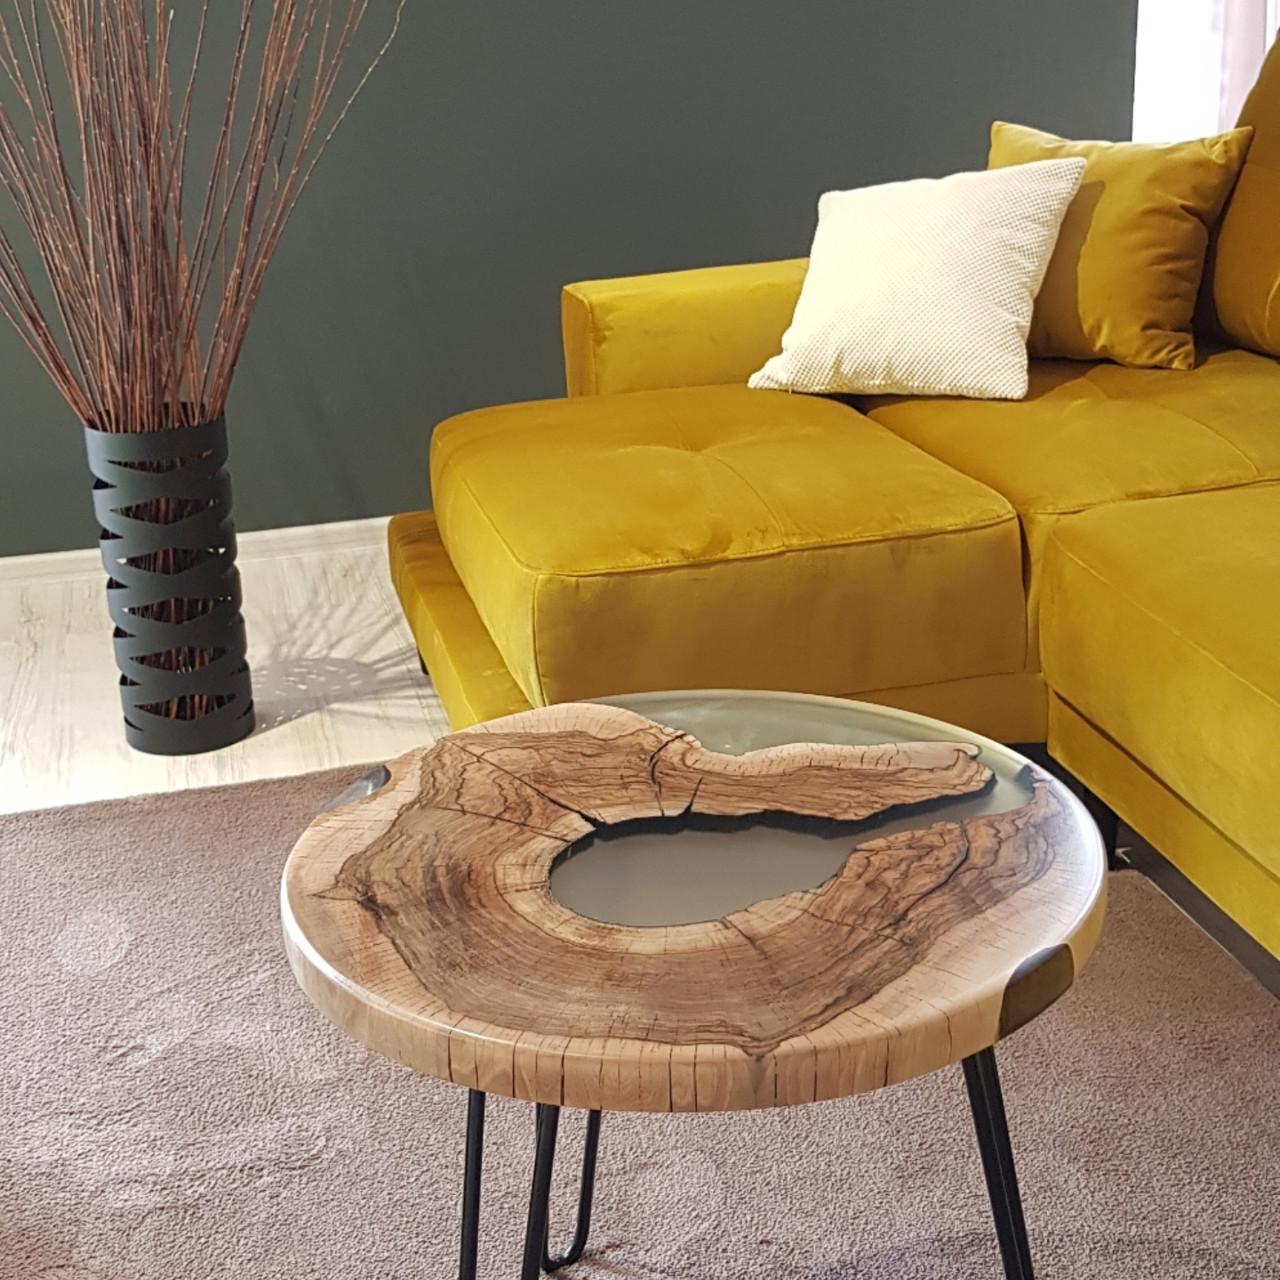 Журнальный  круглый стол с массива грецкого  ореха и прозрачной эпоксдной смолой Диаметр - 60 см